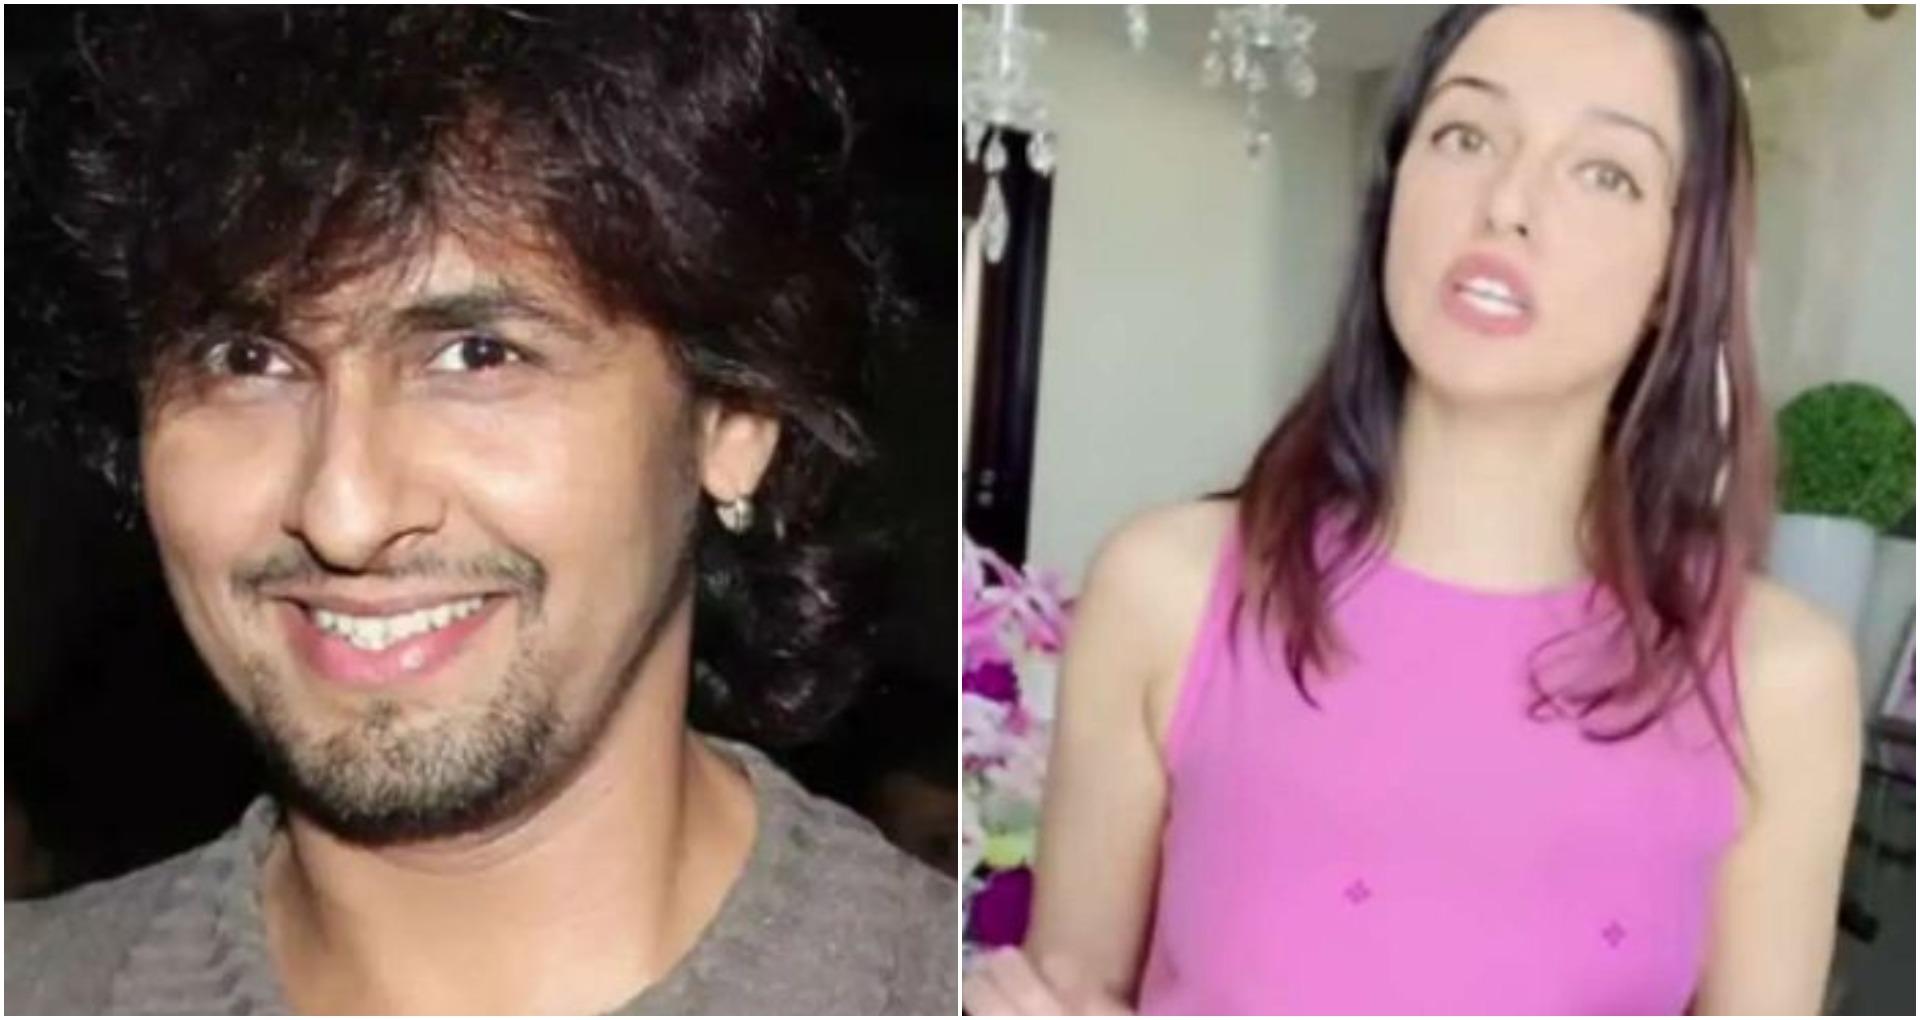 दिव्या खोसला कुमार की वीडियो पर सोनू निगम ने ली चुटकी, इस अंदाज में दिया रिएक्शन